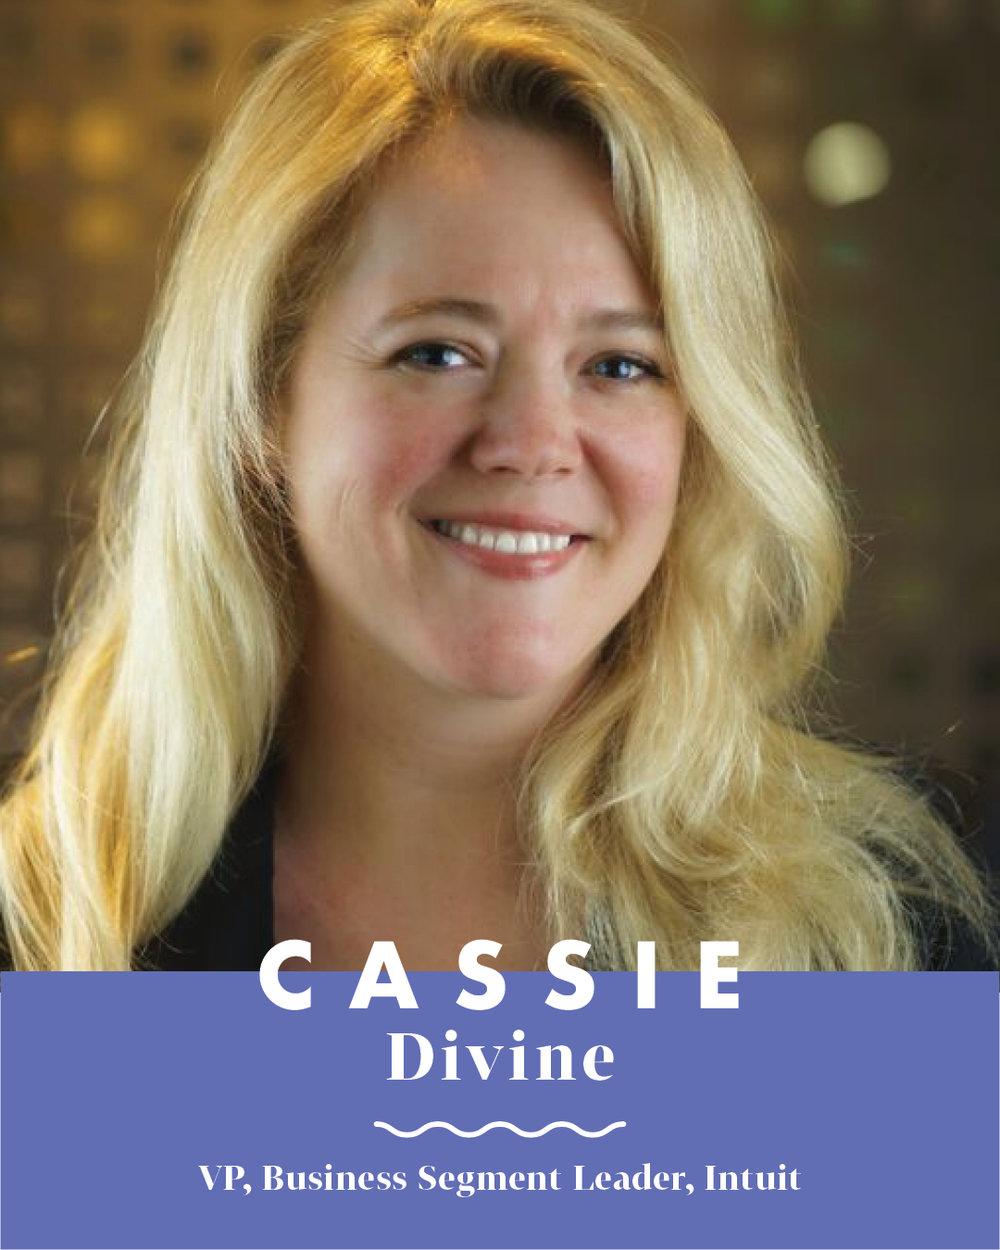 cassie-divine.jpg